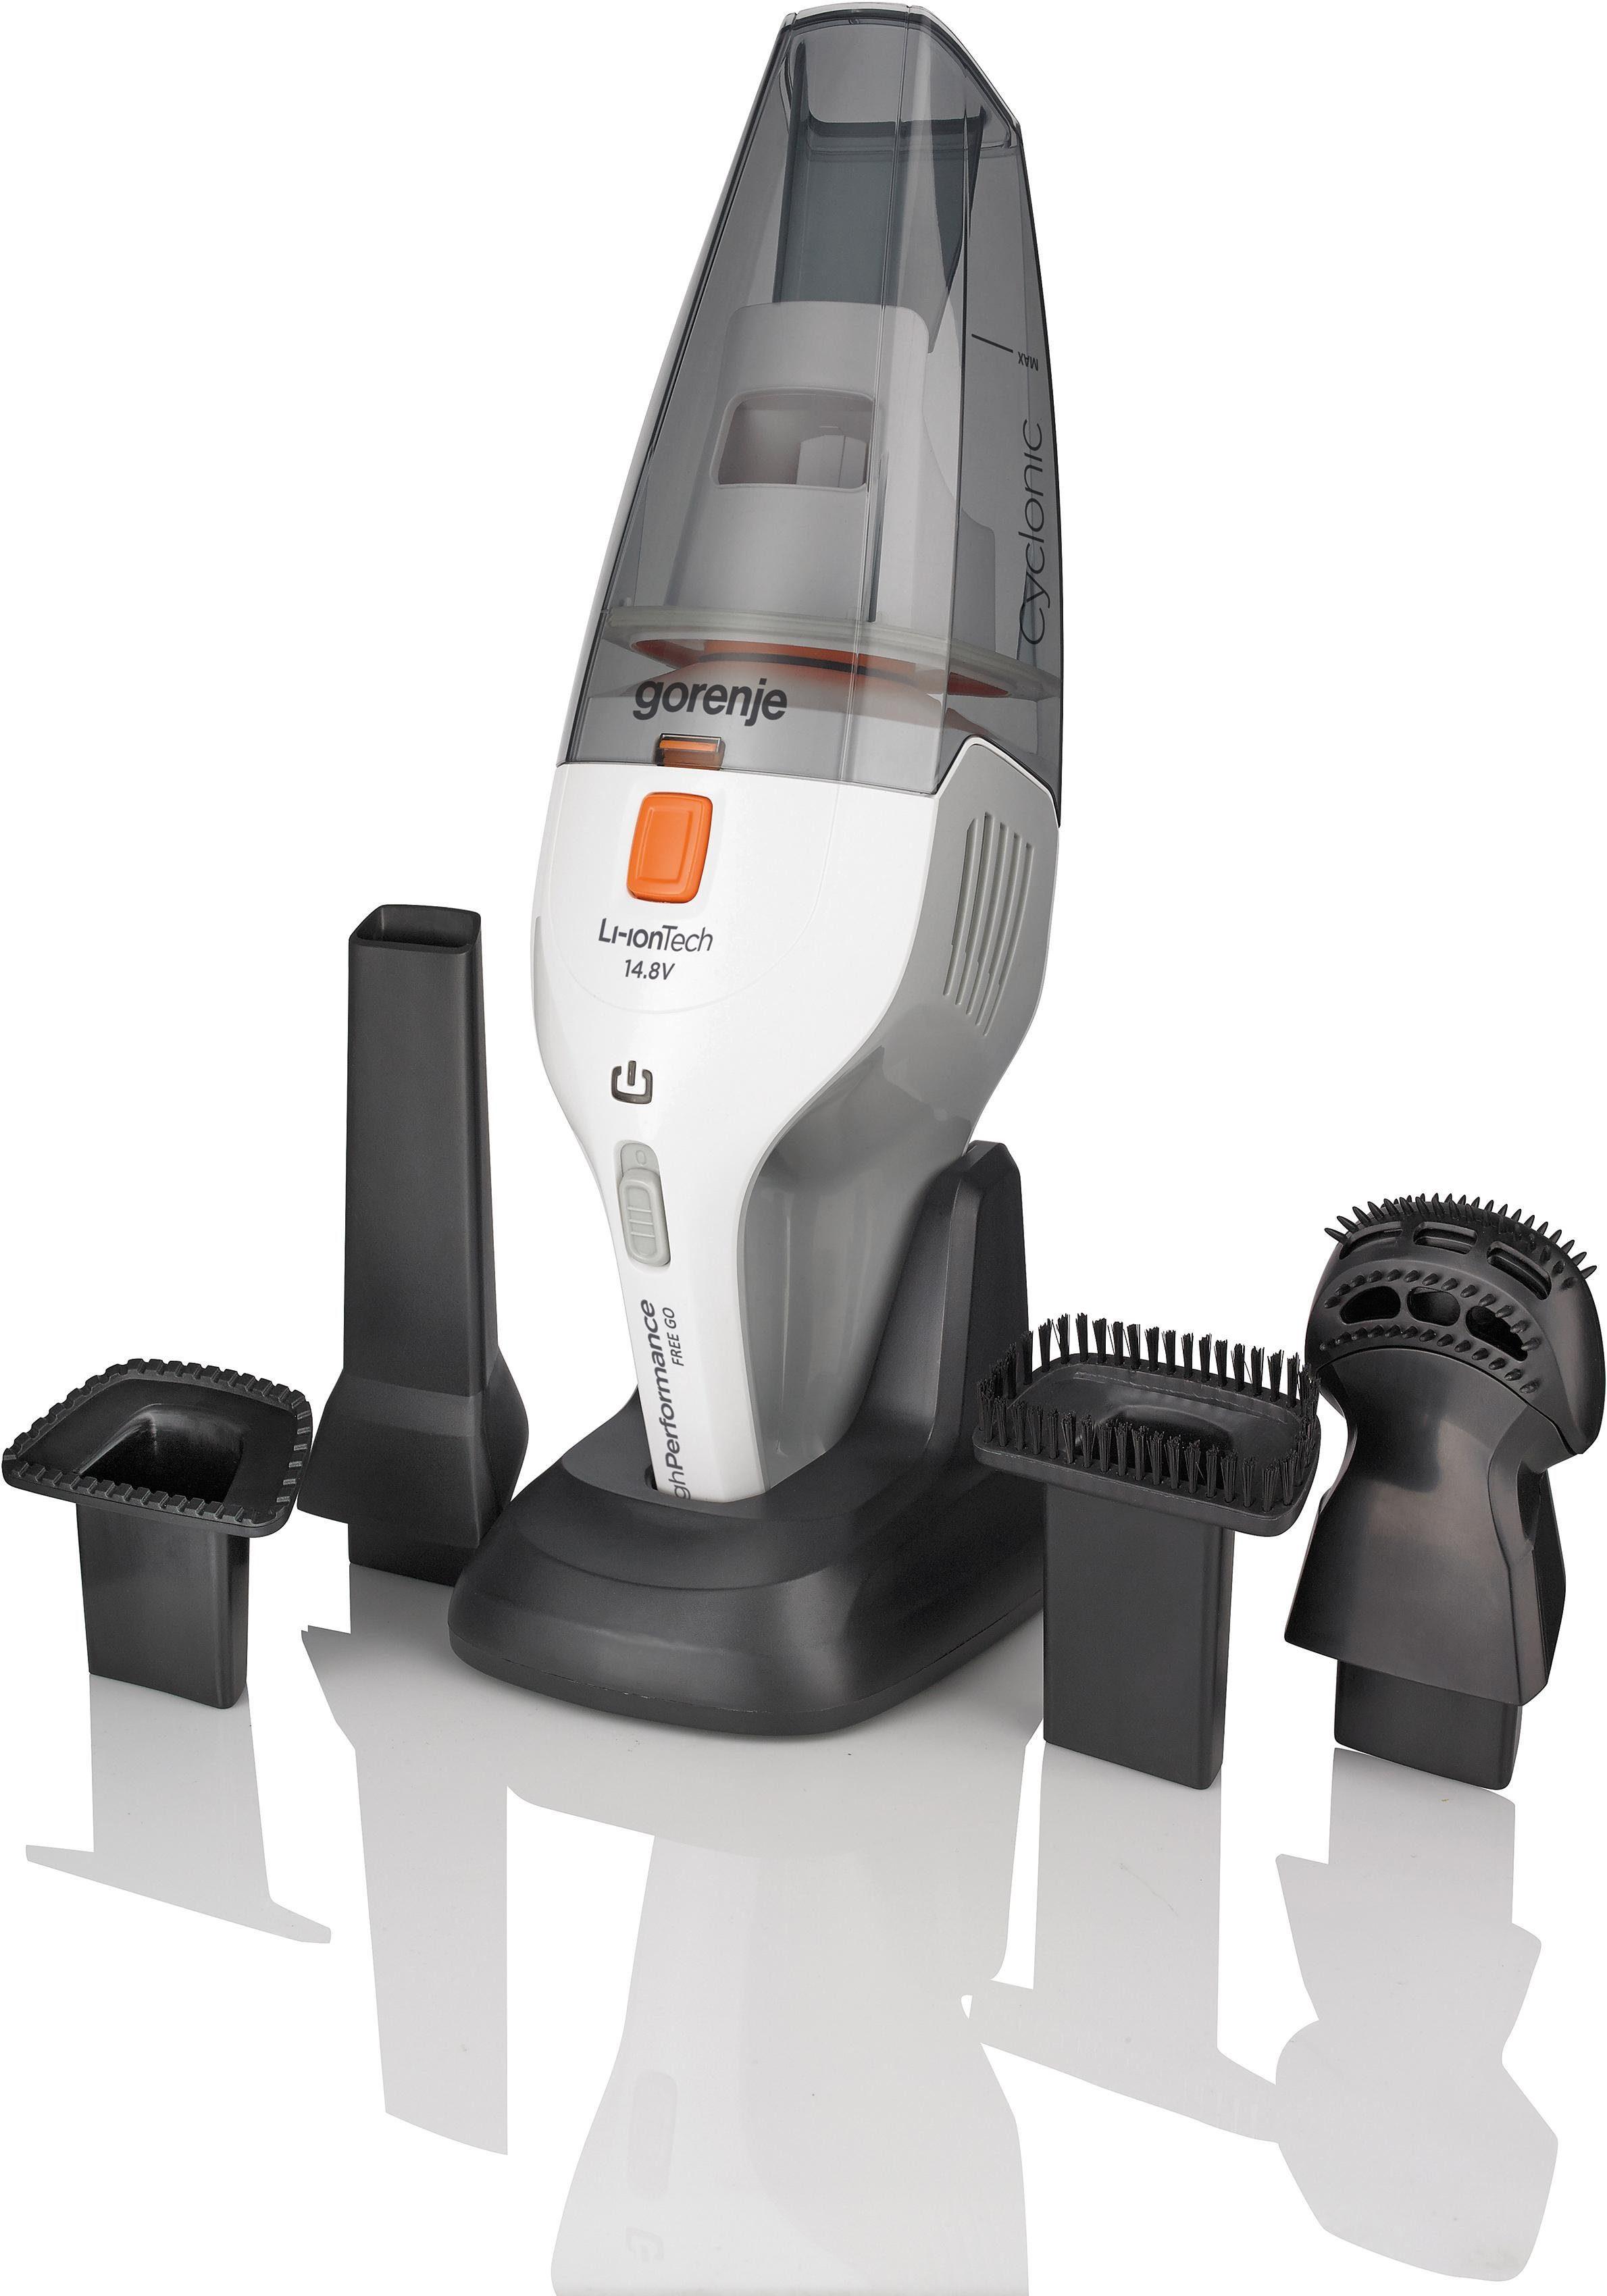 GORENJE Akku-Handstaubsauger MCV148FW FreeGo, 100 Watt, beutellos, Mit 2in1-Nass-und Trockensaug-Technologie